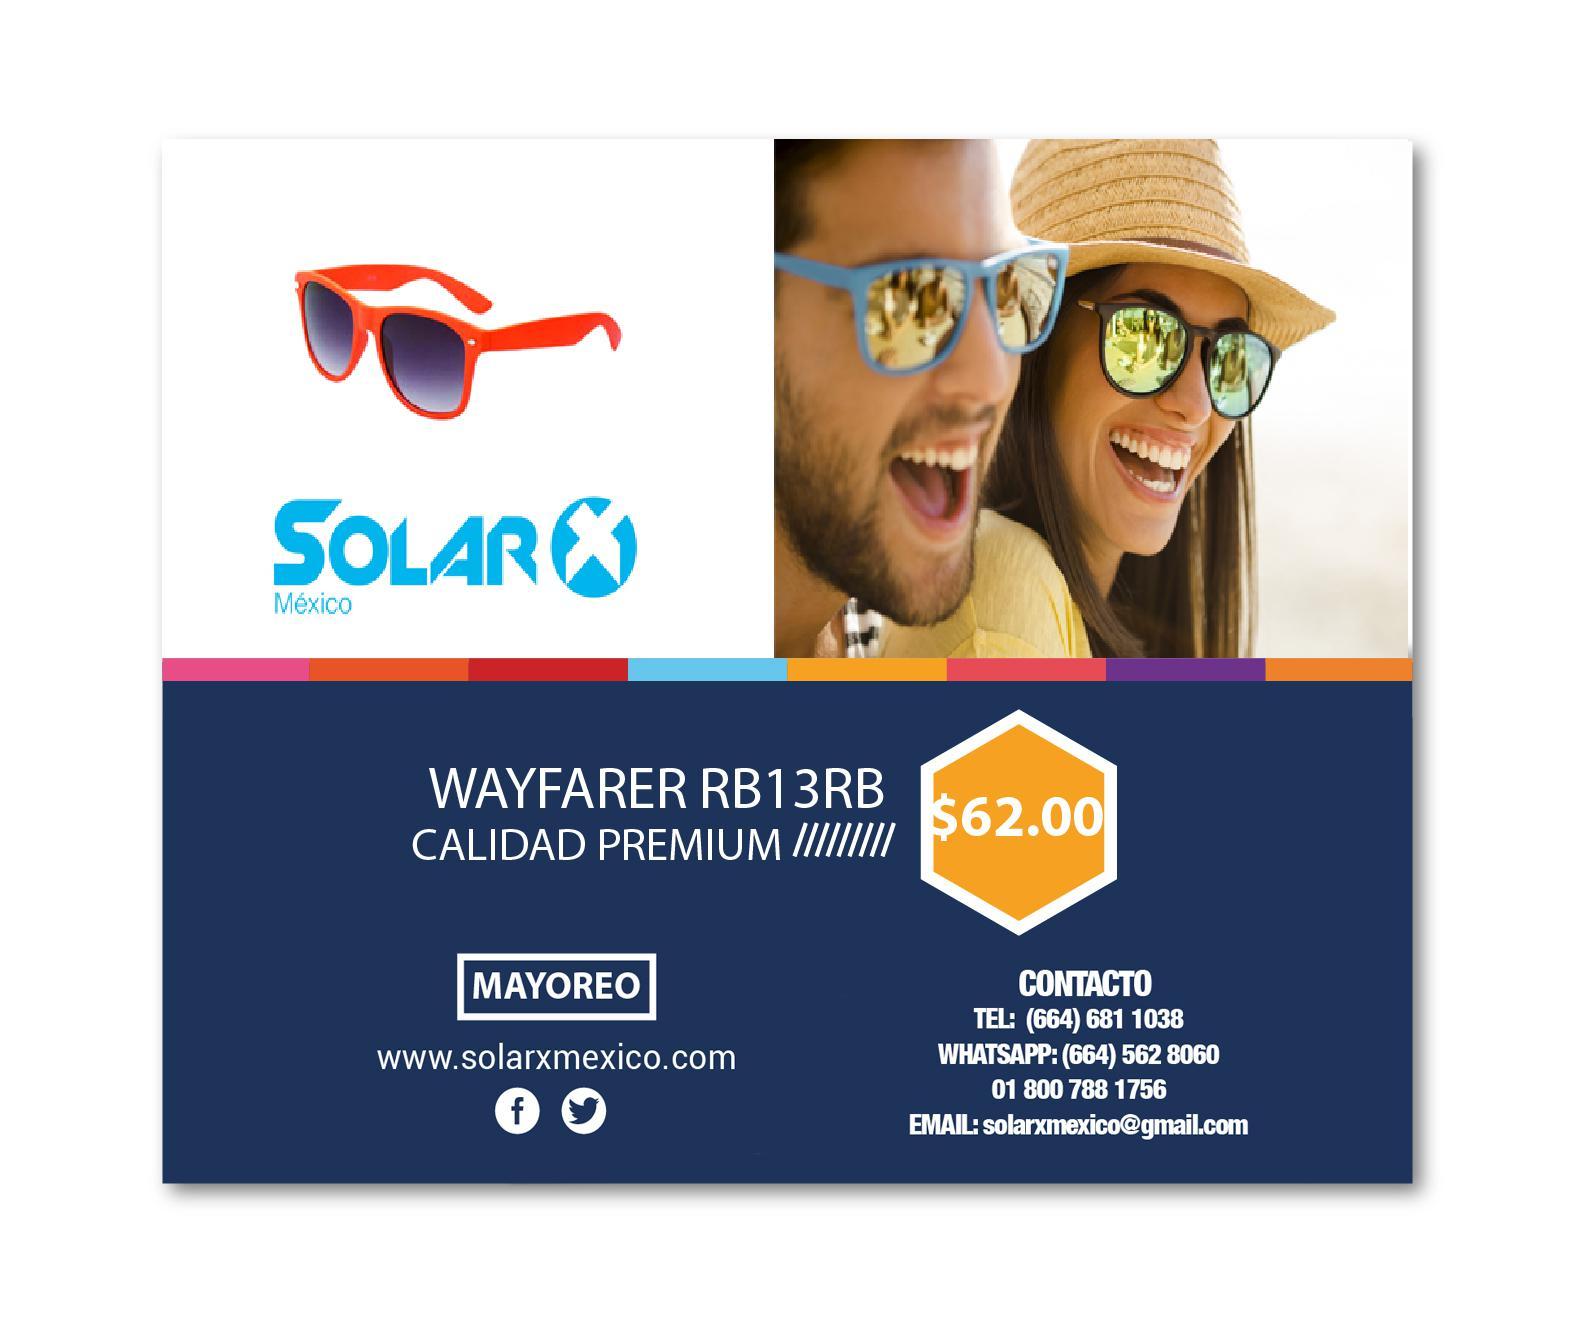 2b1905f3b3 Los lentes de sol son surtidos ( colores variados) de calidad premium  protección 100% de los rayos UVA y UVB. RANGO DE DE VENTA RECOMENDADO $150  - $250 ...